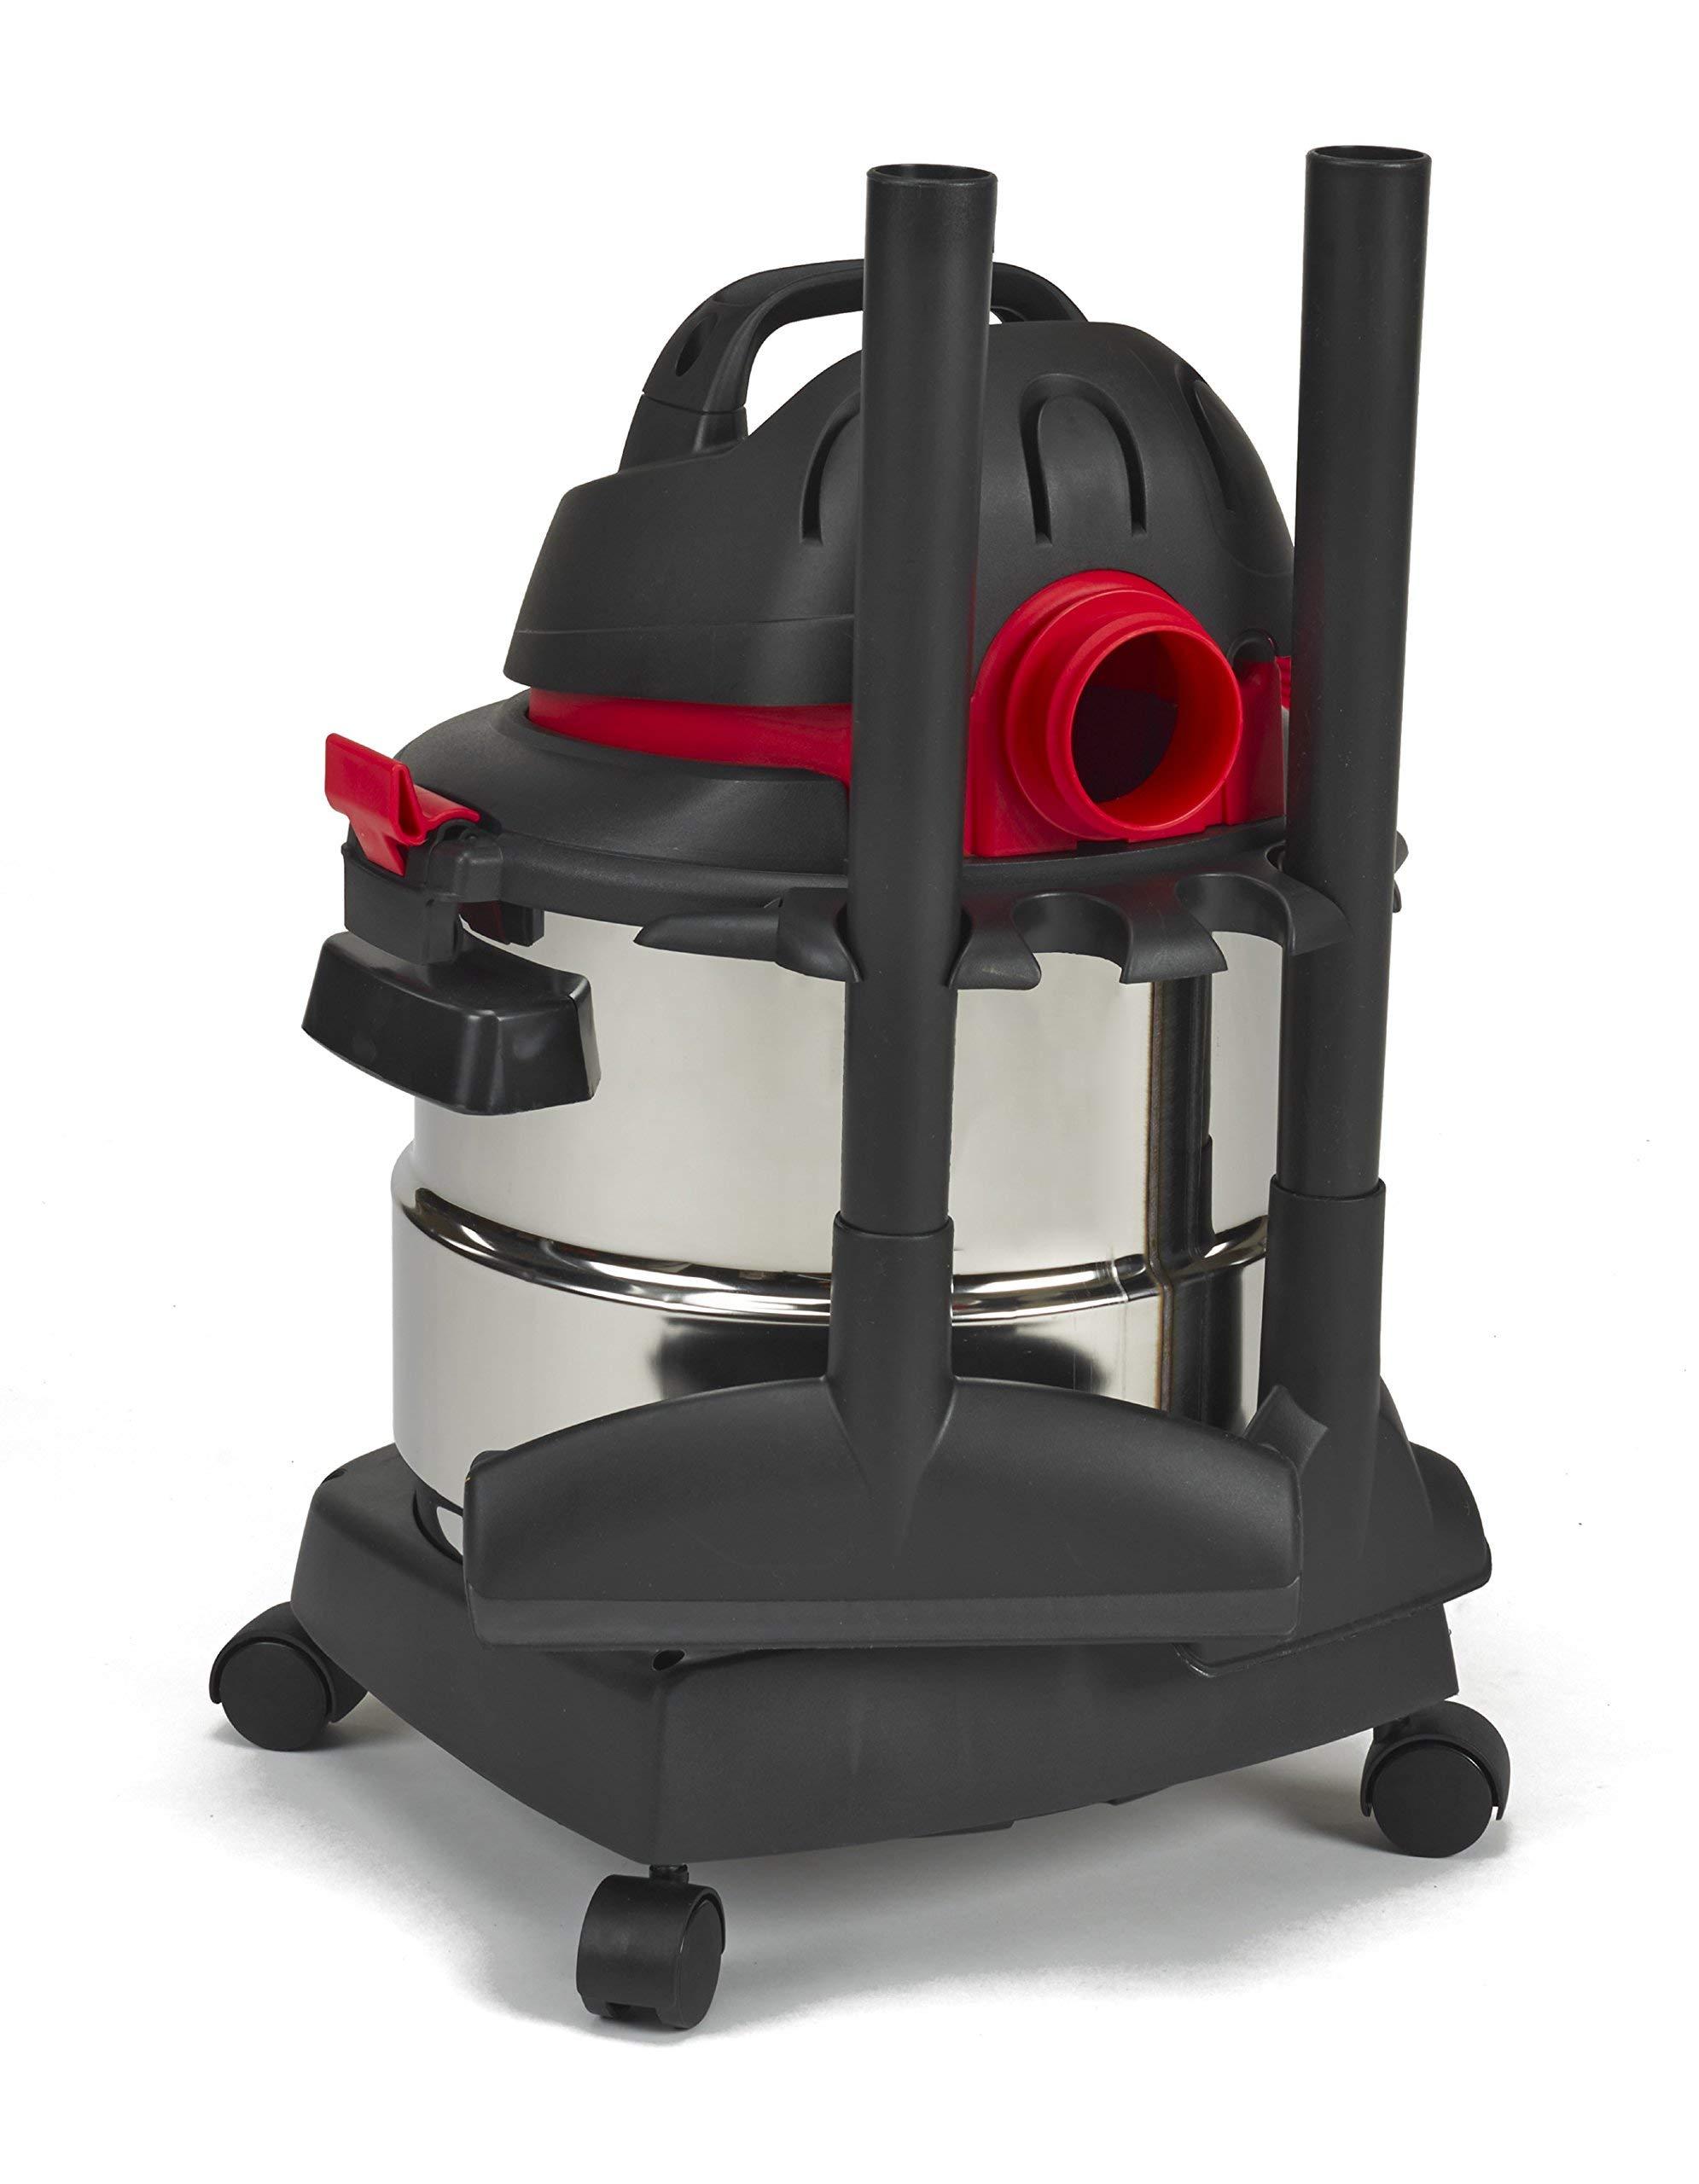 Shop-Vac 5989300 5-Gallon 4.5 Peak HP Stainless Steel Wet Dry Vacuum (Renewed) by Shop-Vac (Image #8)